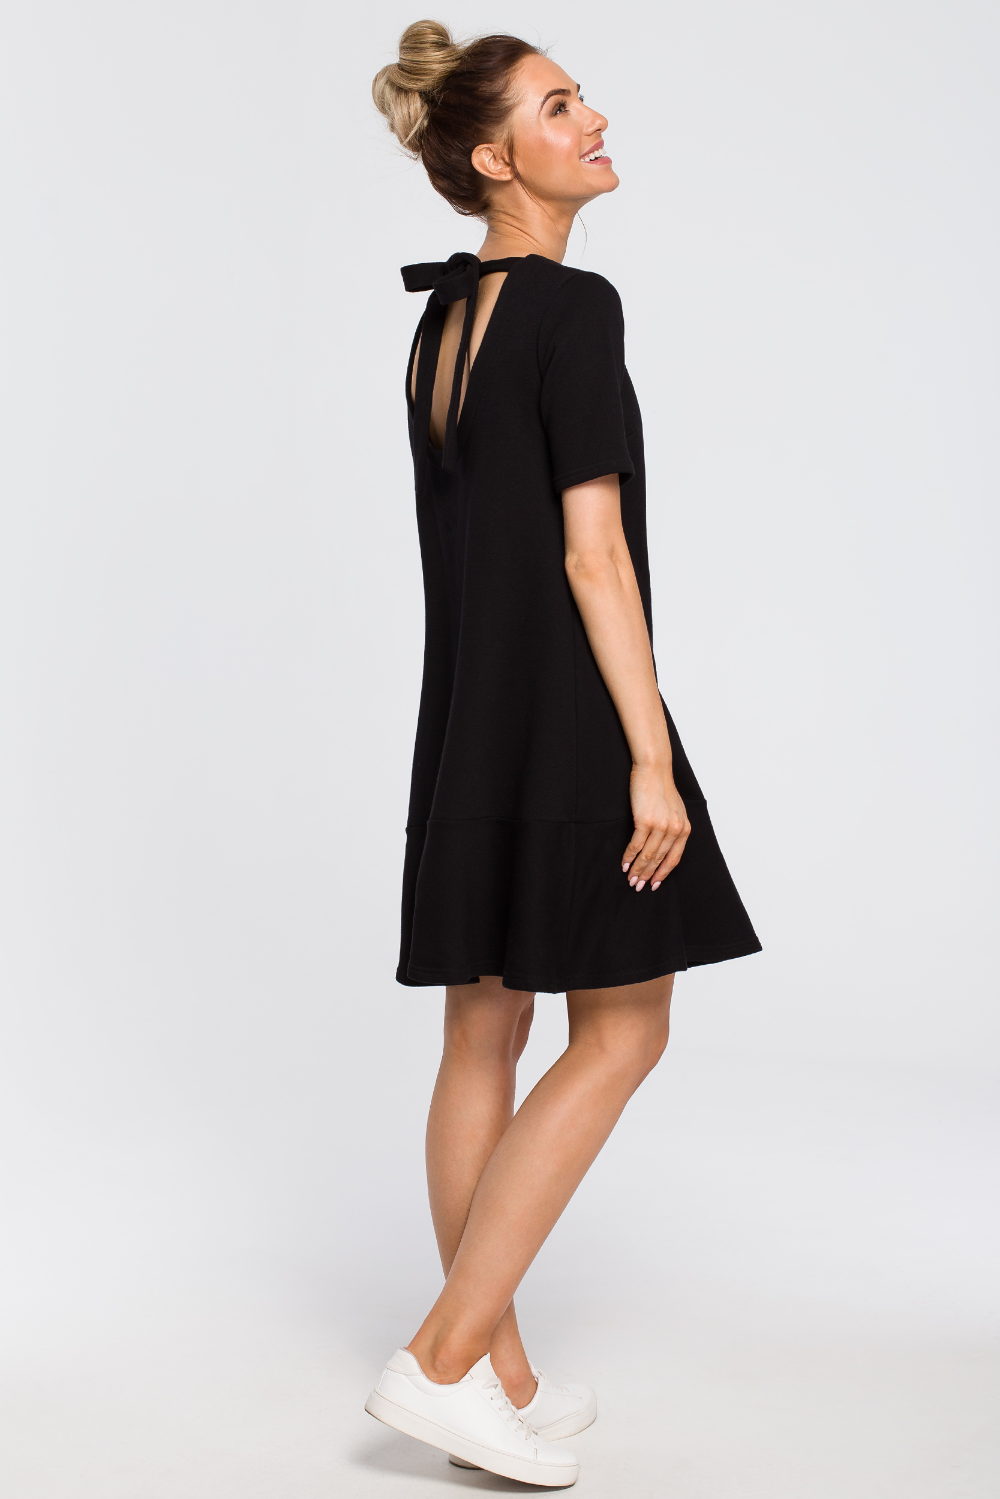 Luzna Sukienka Z Wiazaniem Na Plecach Czarna Cudmoda Black Dress Little Black Dress Dresses For Work